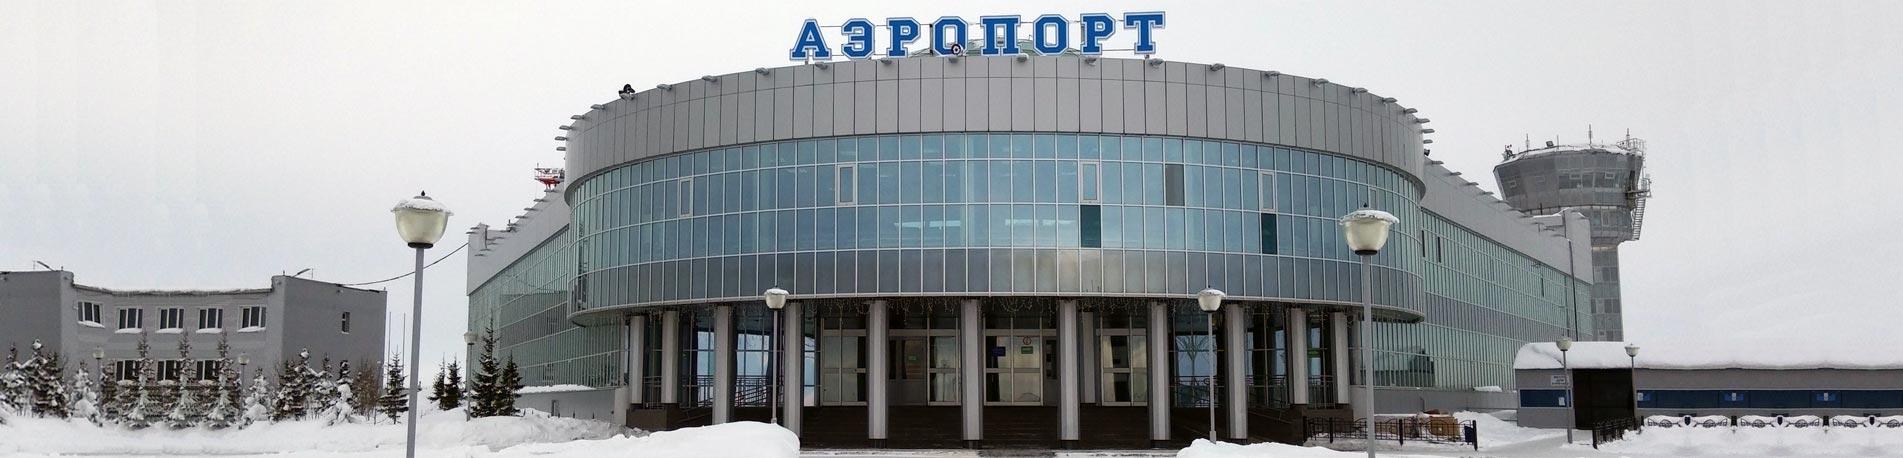 Аэропорт города Селехард